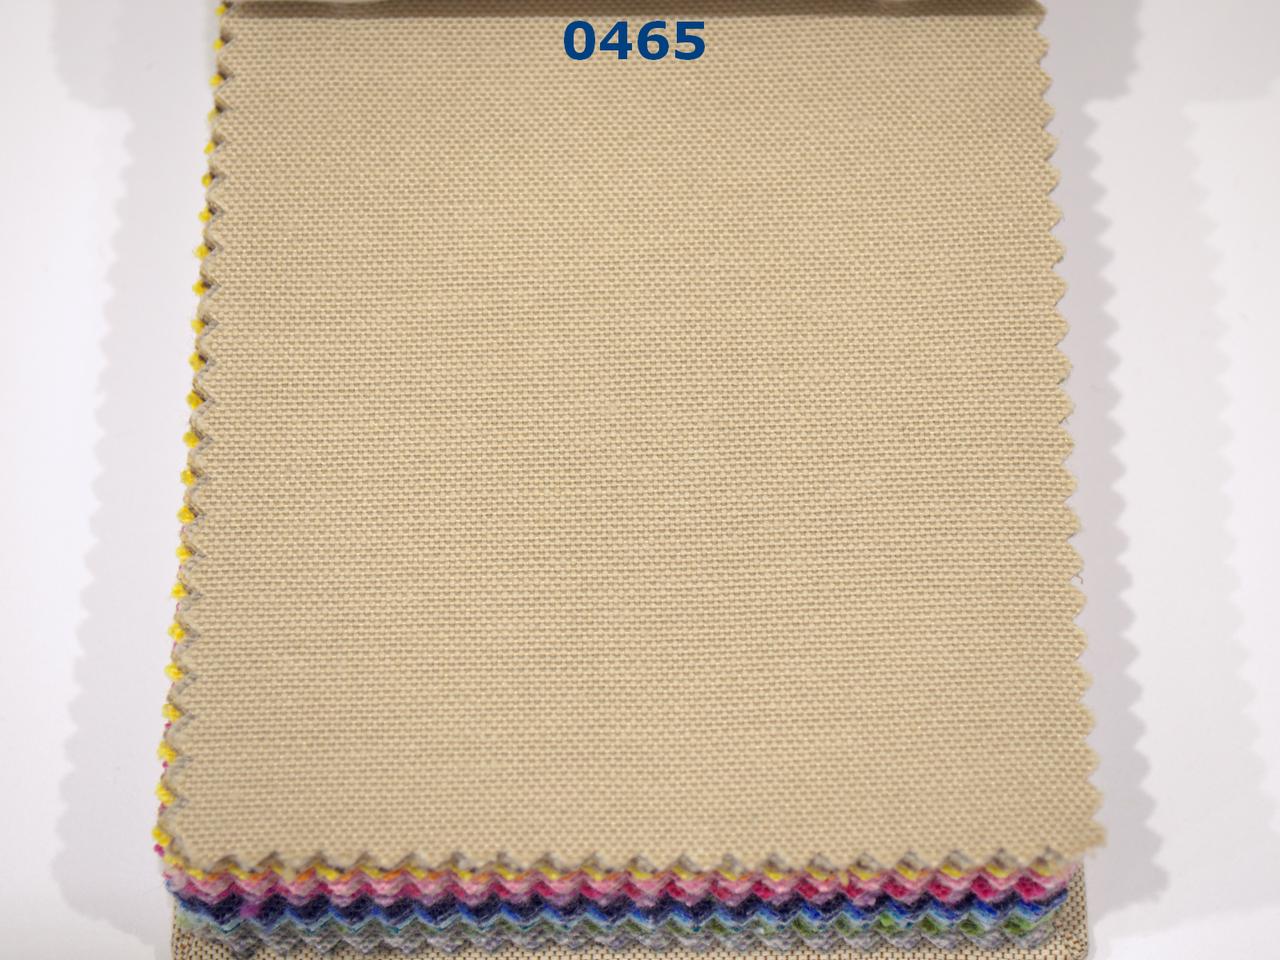 Тканина для Скатертин Пісок з просоченням Тефлон-180 Однотонна Туреччина 180см ширина